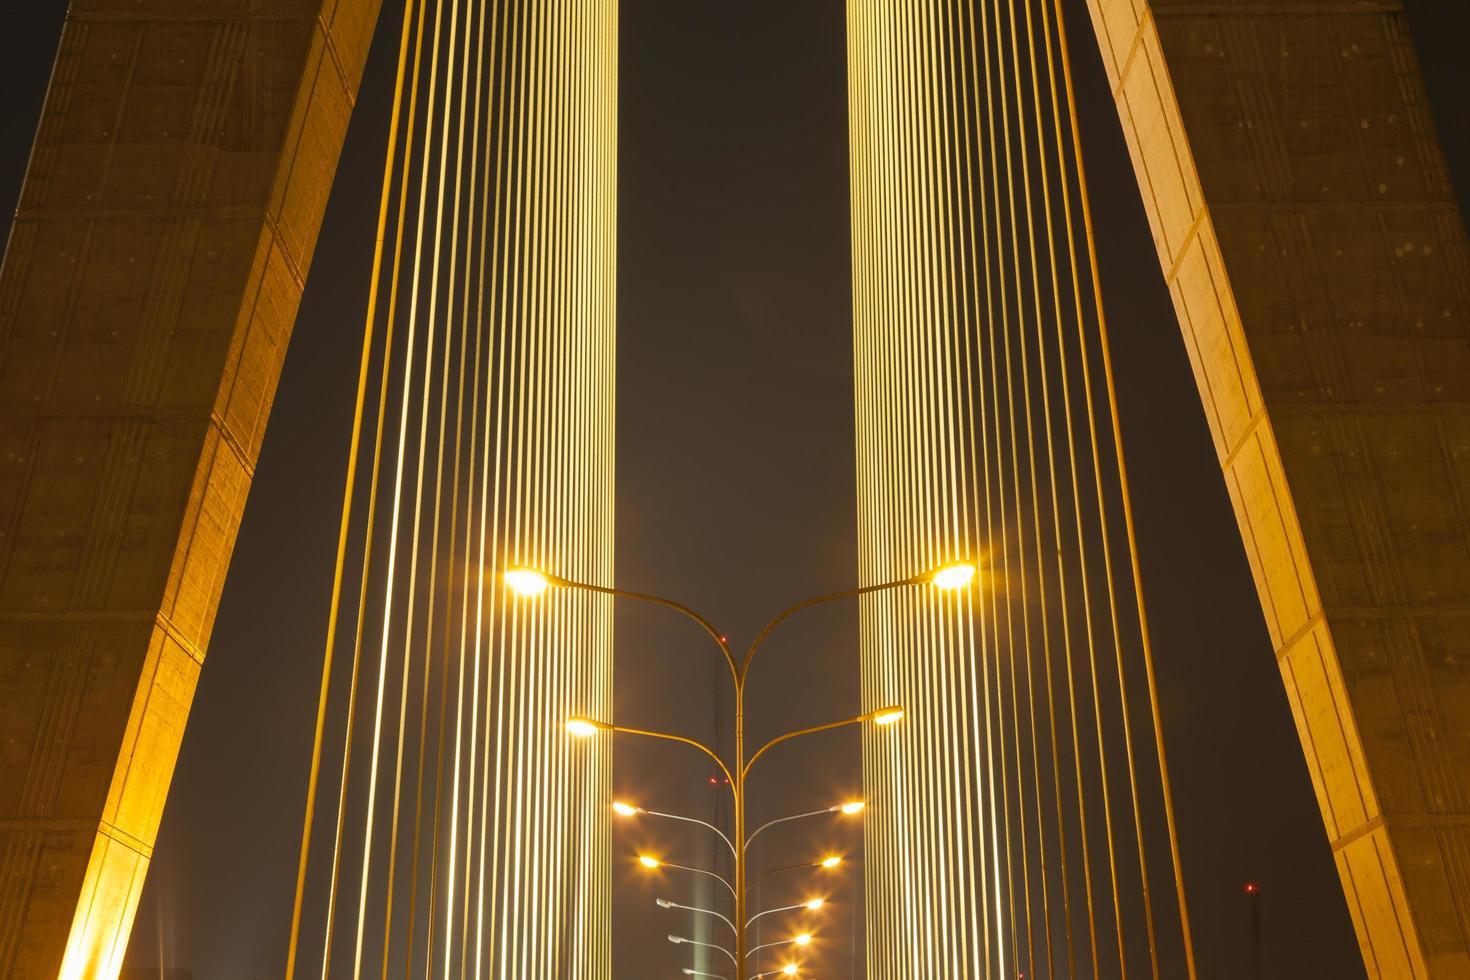 lampen op de brug foto